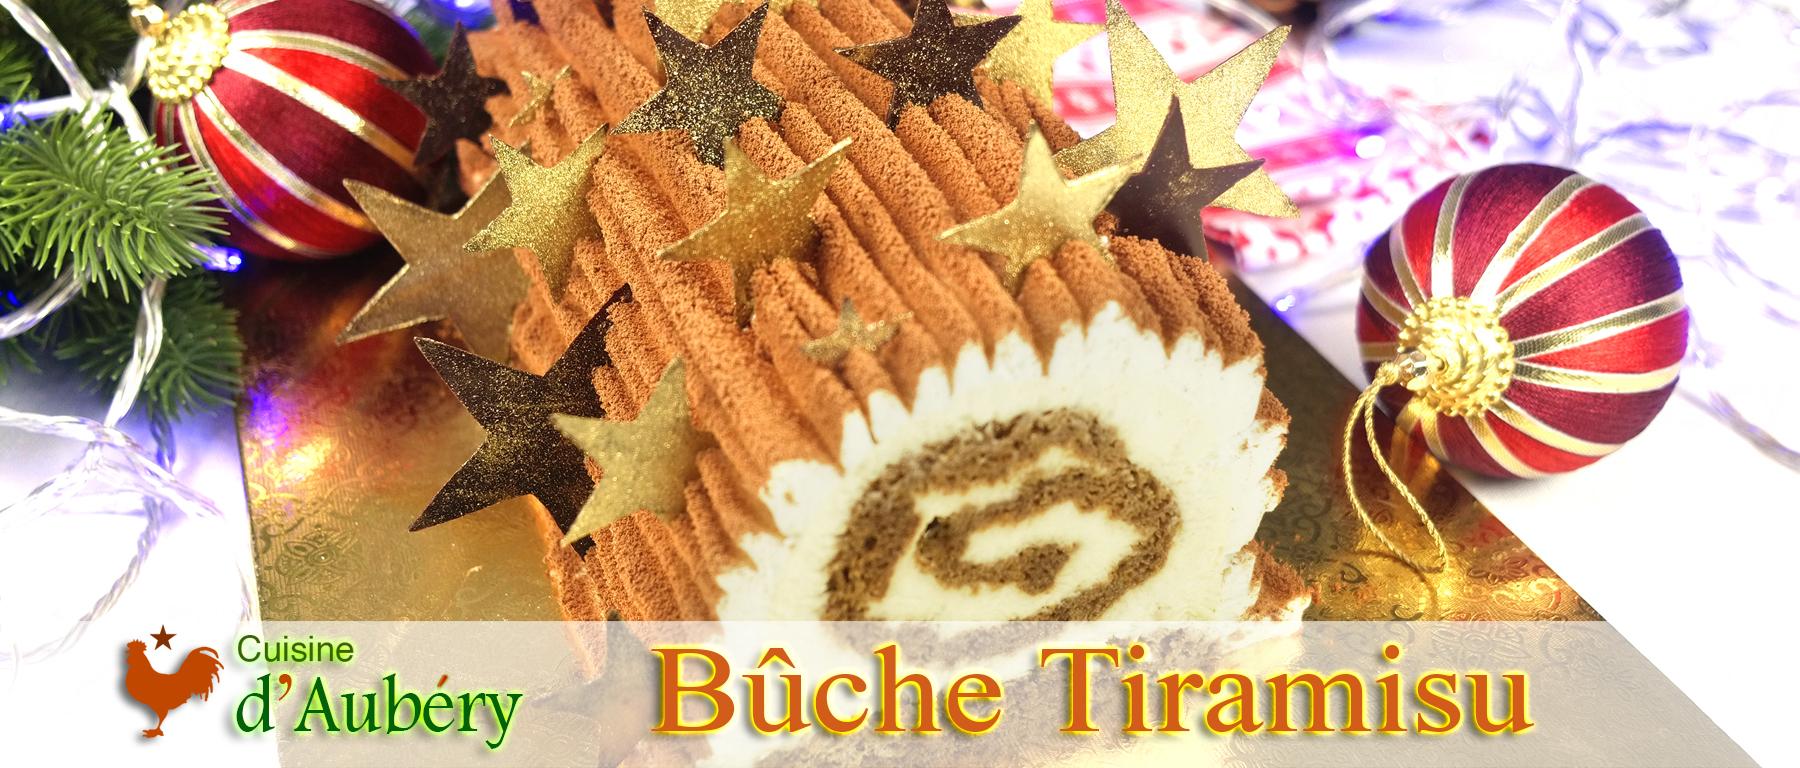 La Bûche Tiramisu (étincelante et savoureuse)